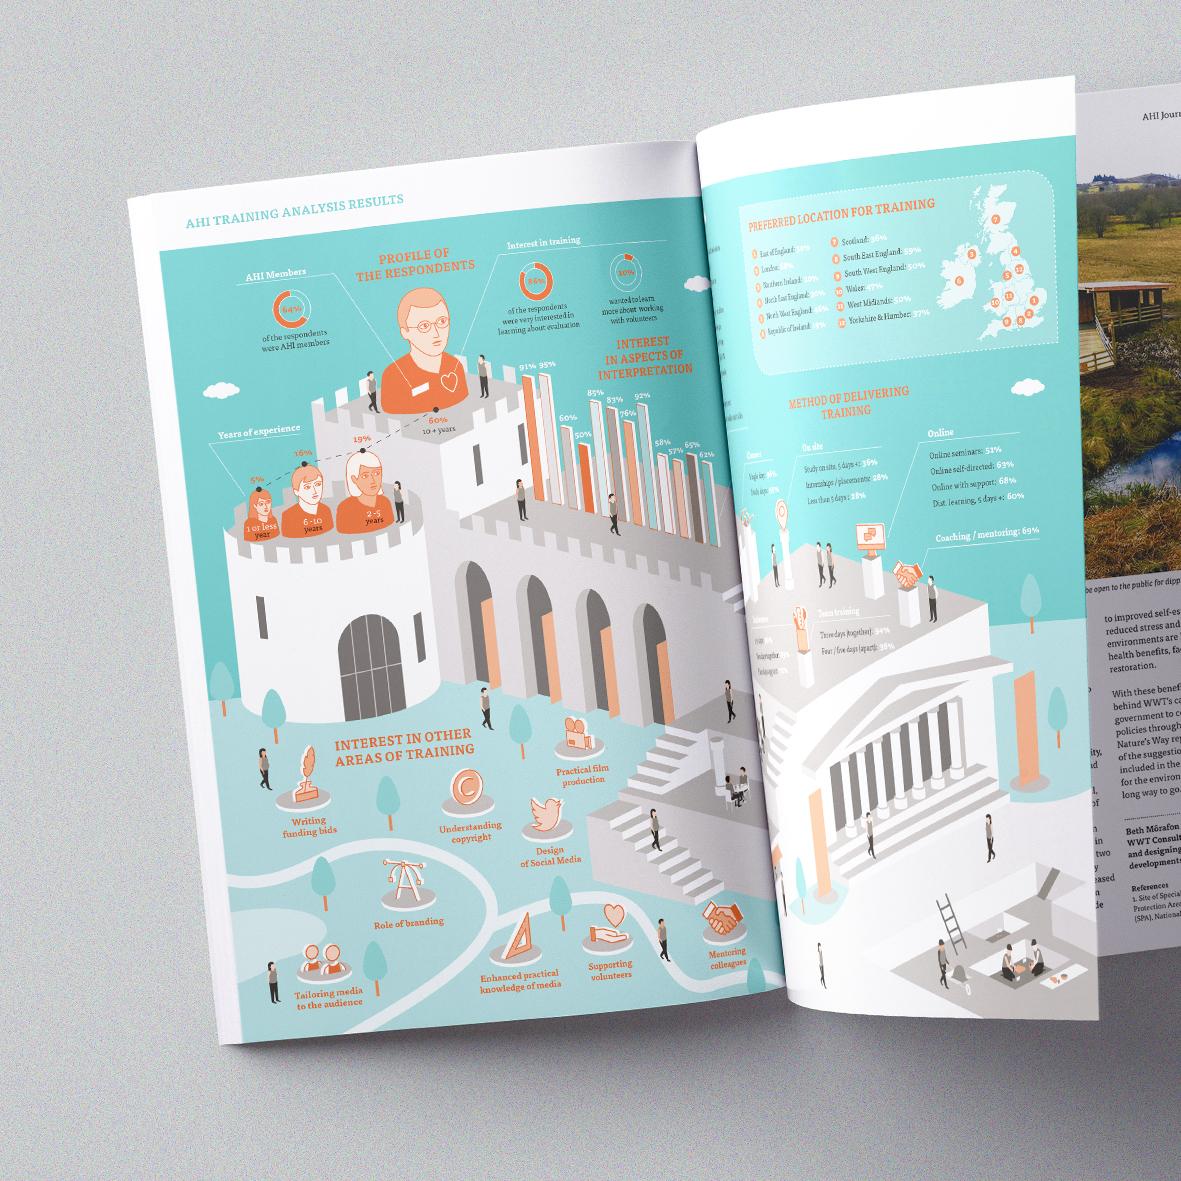 designer graphique freelance - Infographie AHI x Barker Langham